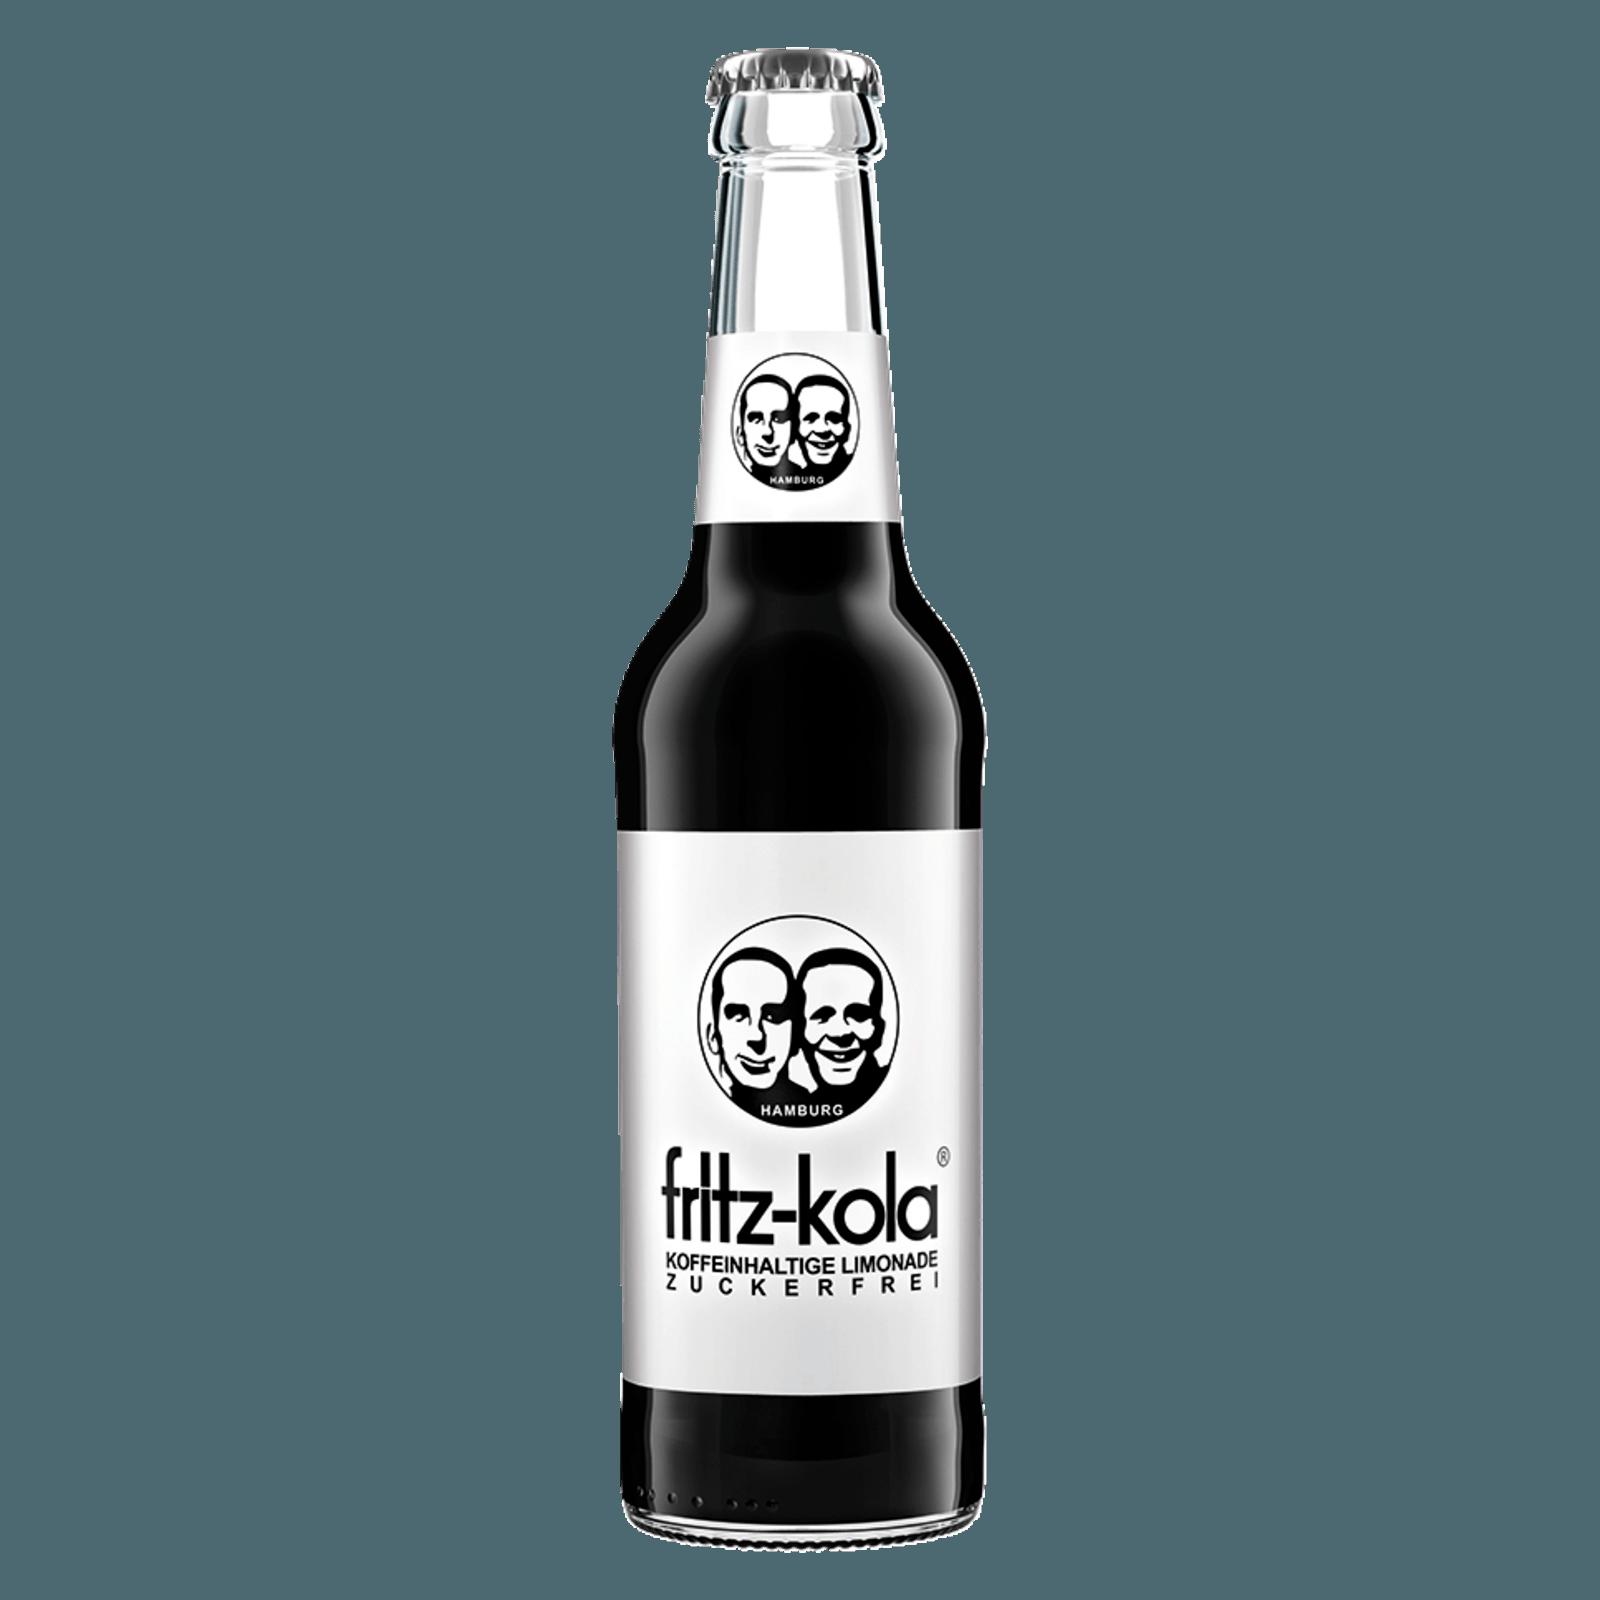 Fritz-kola zuckerfrei 0,33l bei REWE online bestellen!